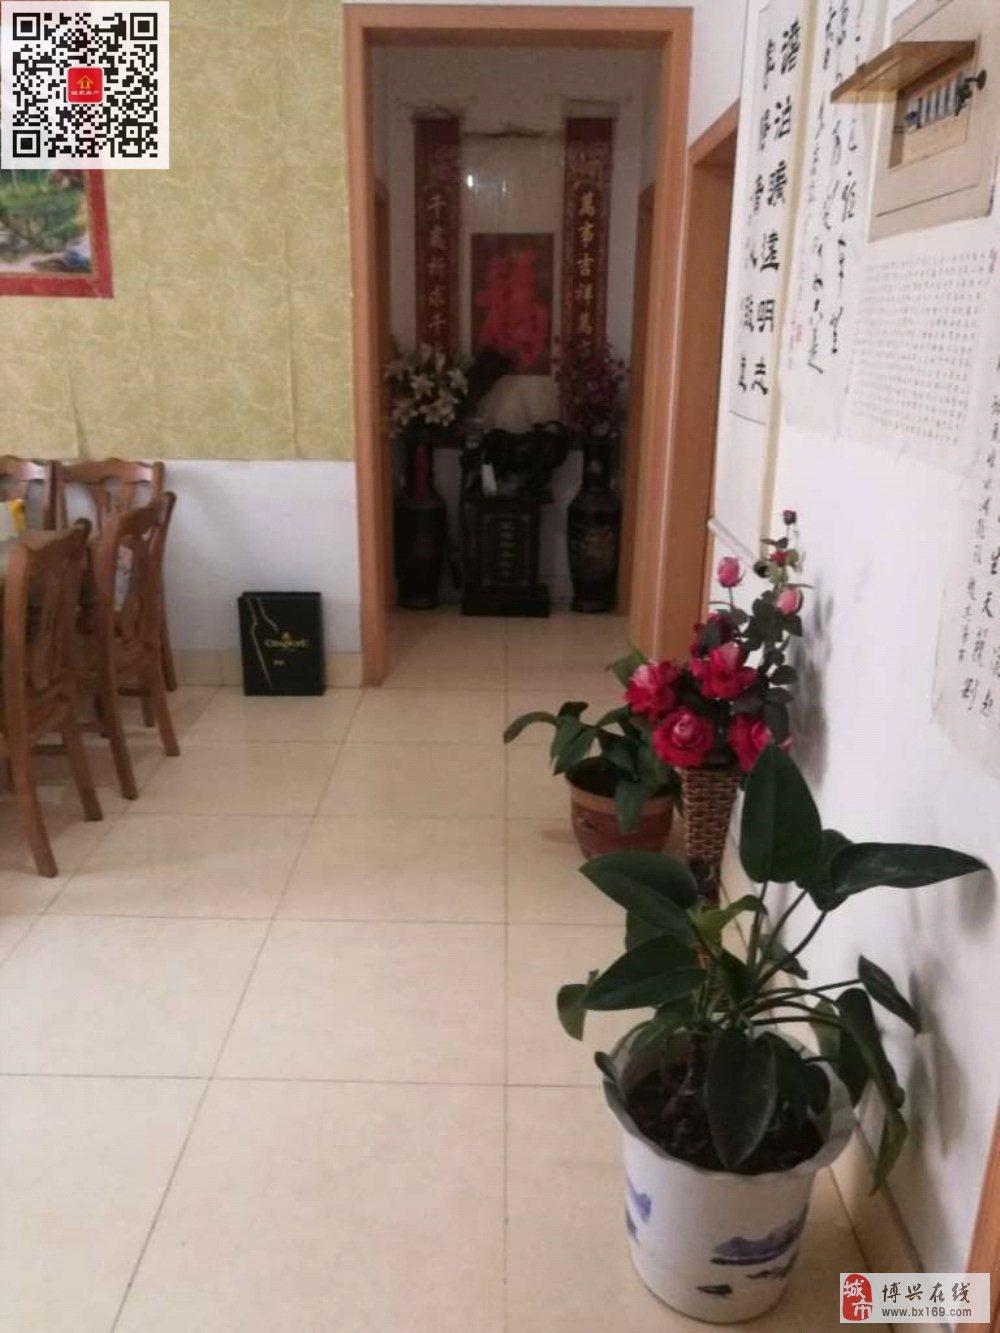 04794欧亚花园3室2厅1卫132万元